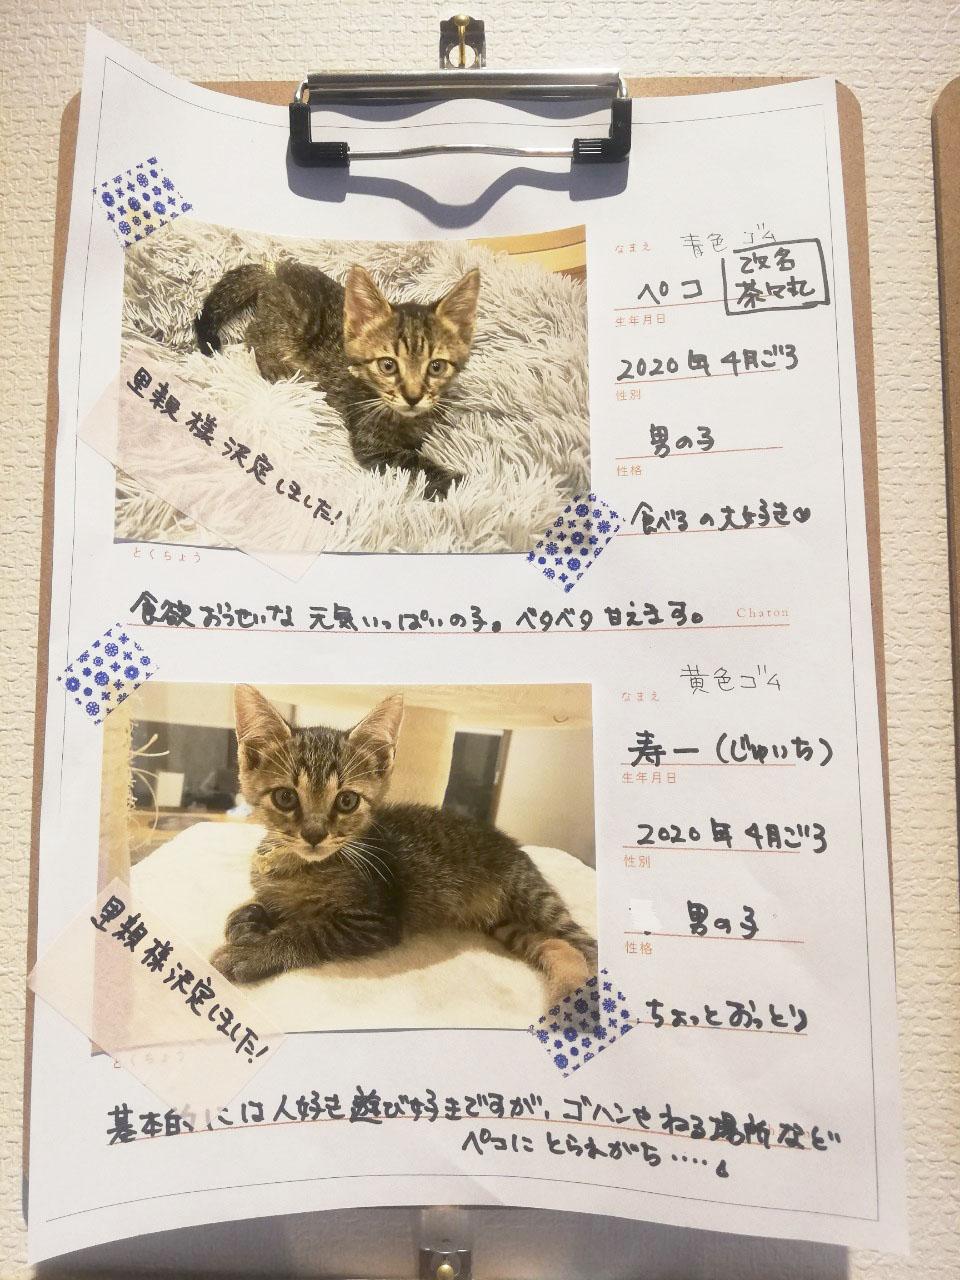 """かわいい""""子猫の幼稚園""""!岡崎に保護猫カフェ「Chaton」がオープン、猫好きライターが実際に行ってきました! - 2020611 200618 0065"""